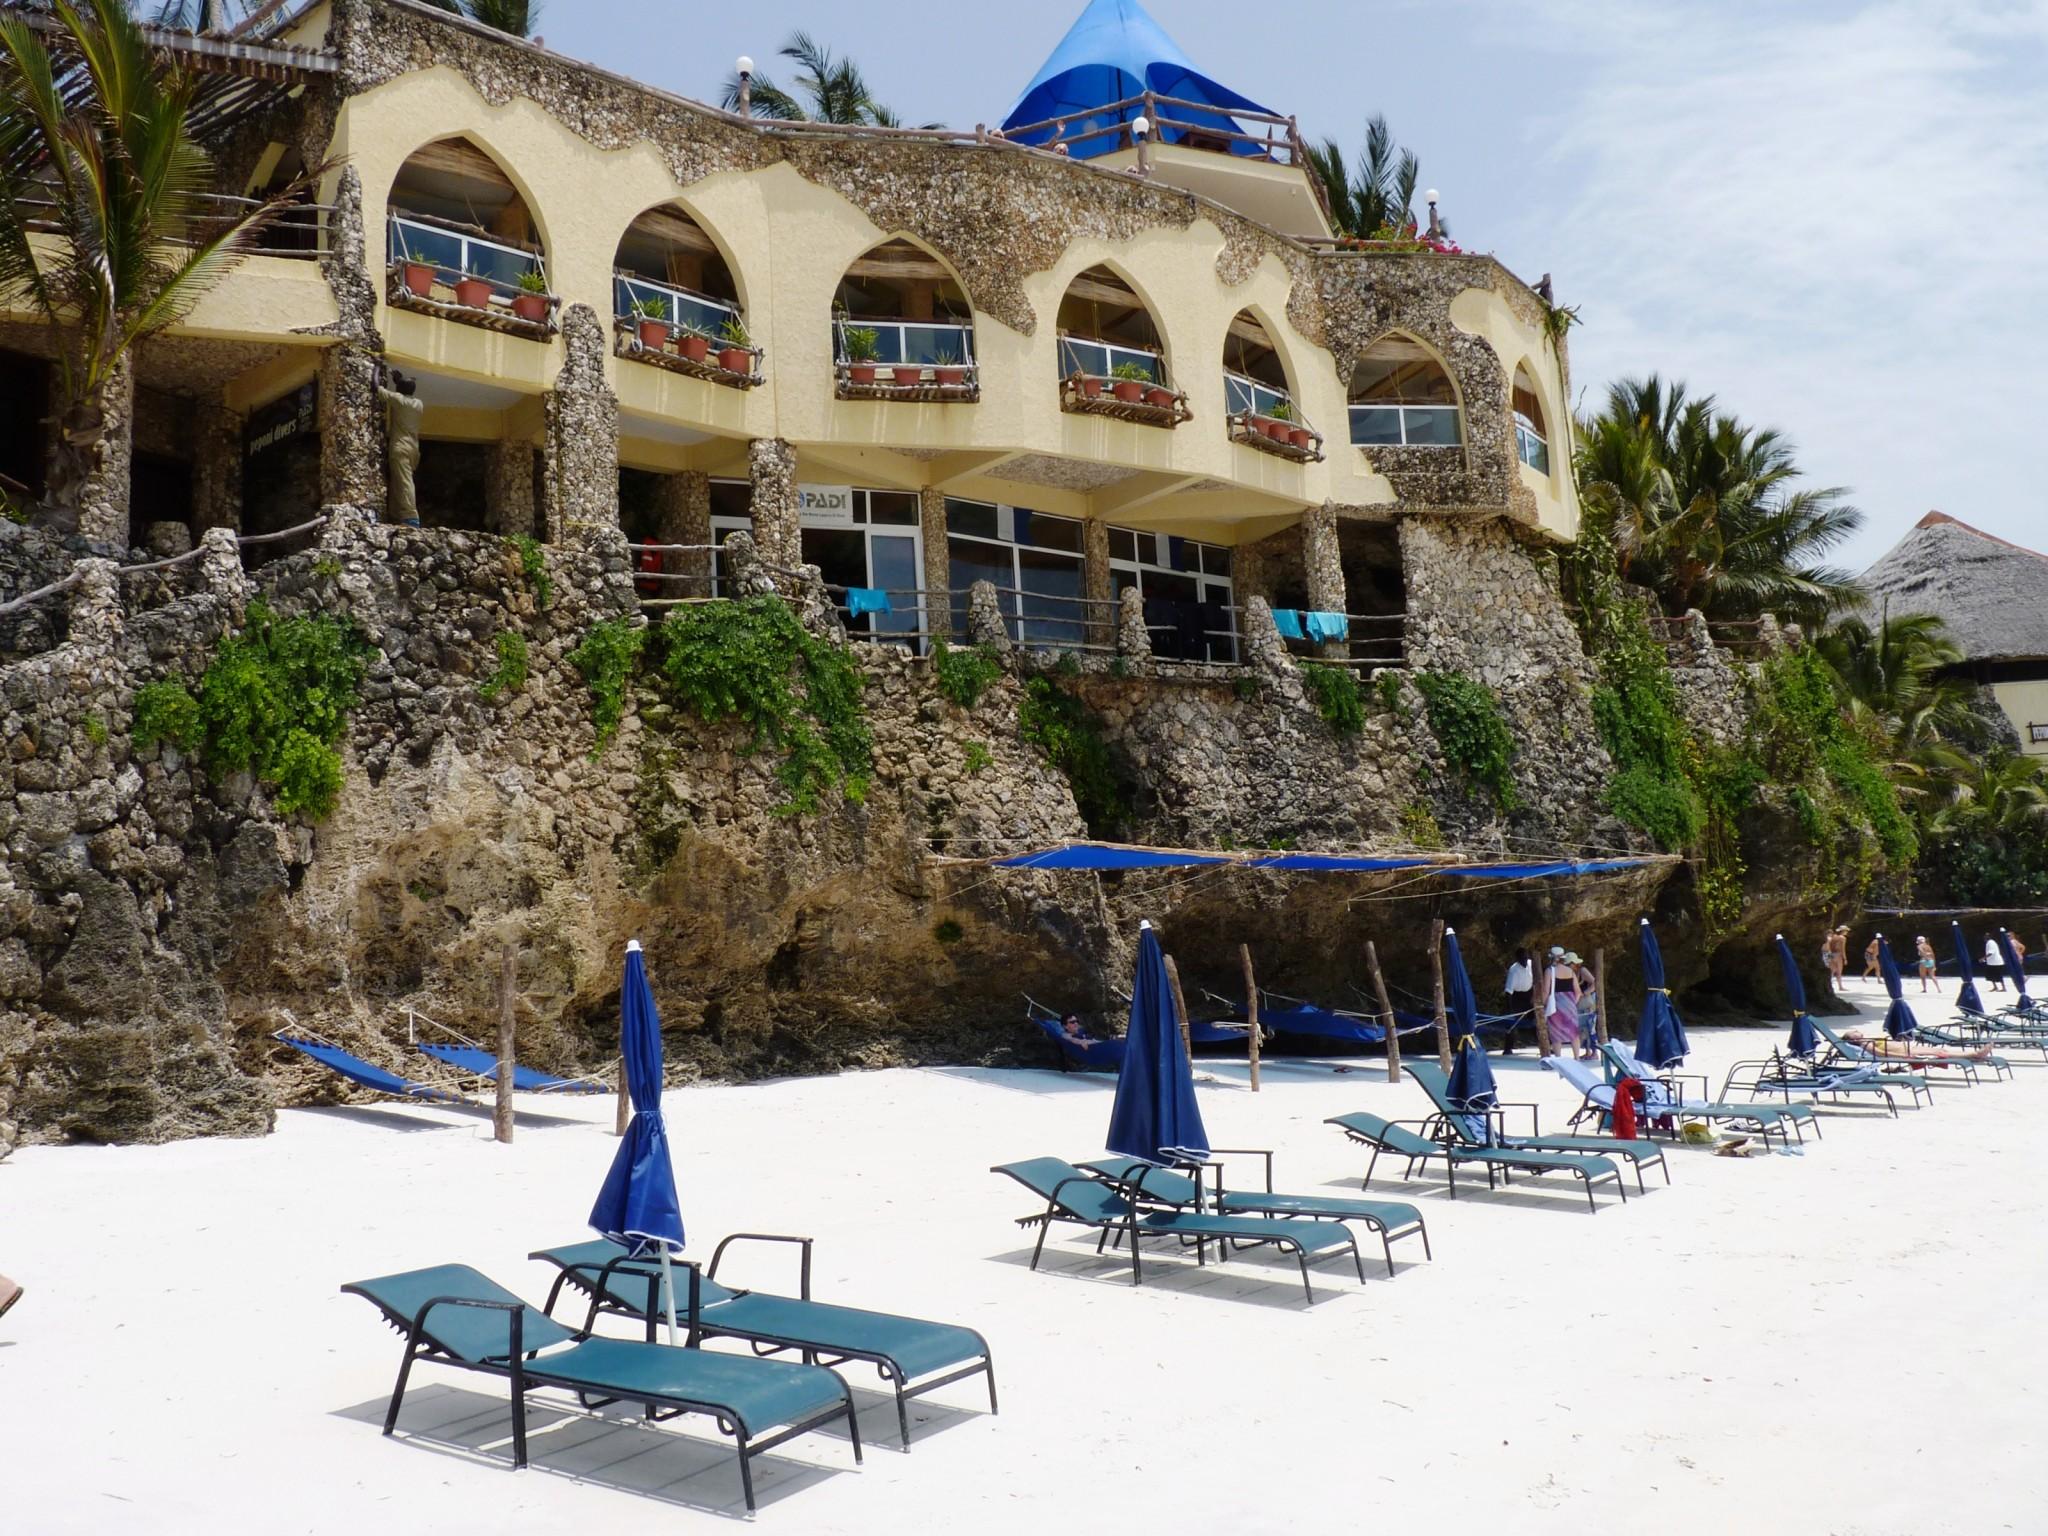 feinsandiger Strand mit Liegemöglichkeiten am Partner hotelBahari Beach